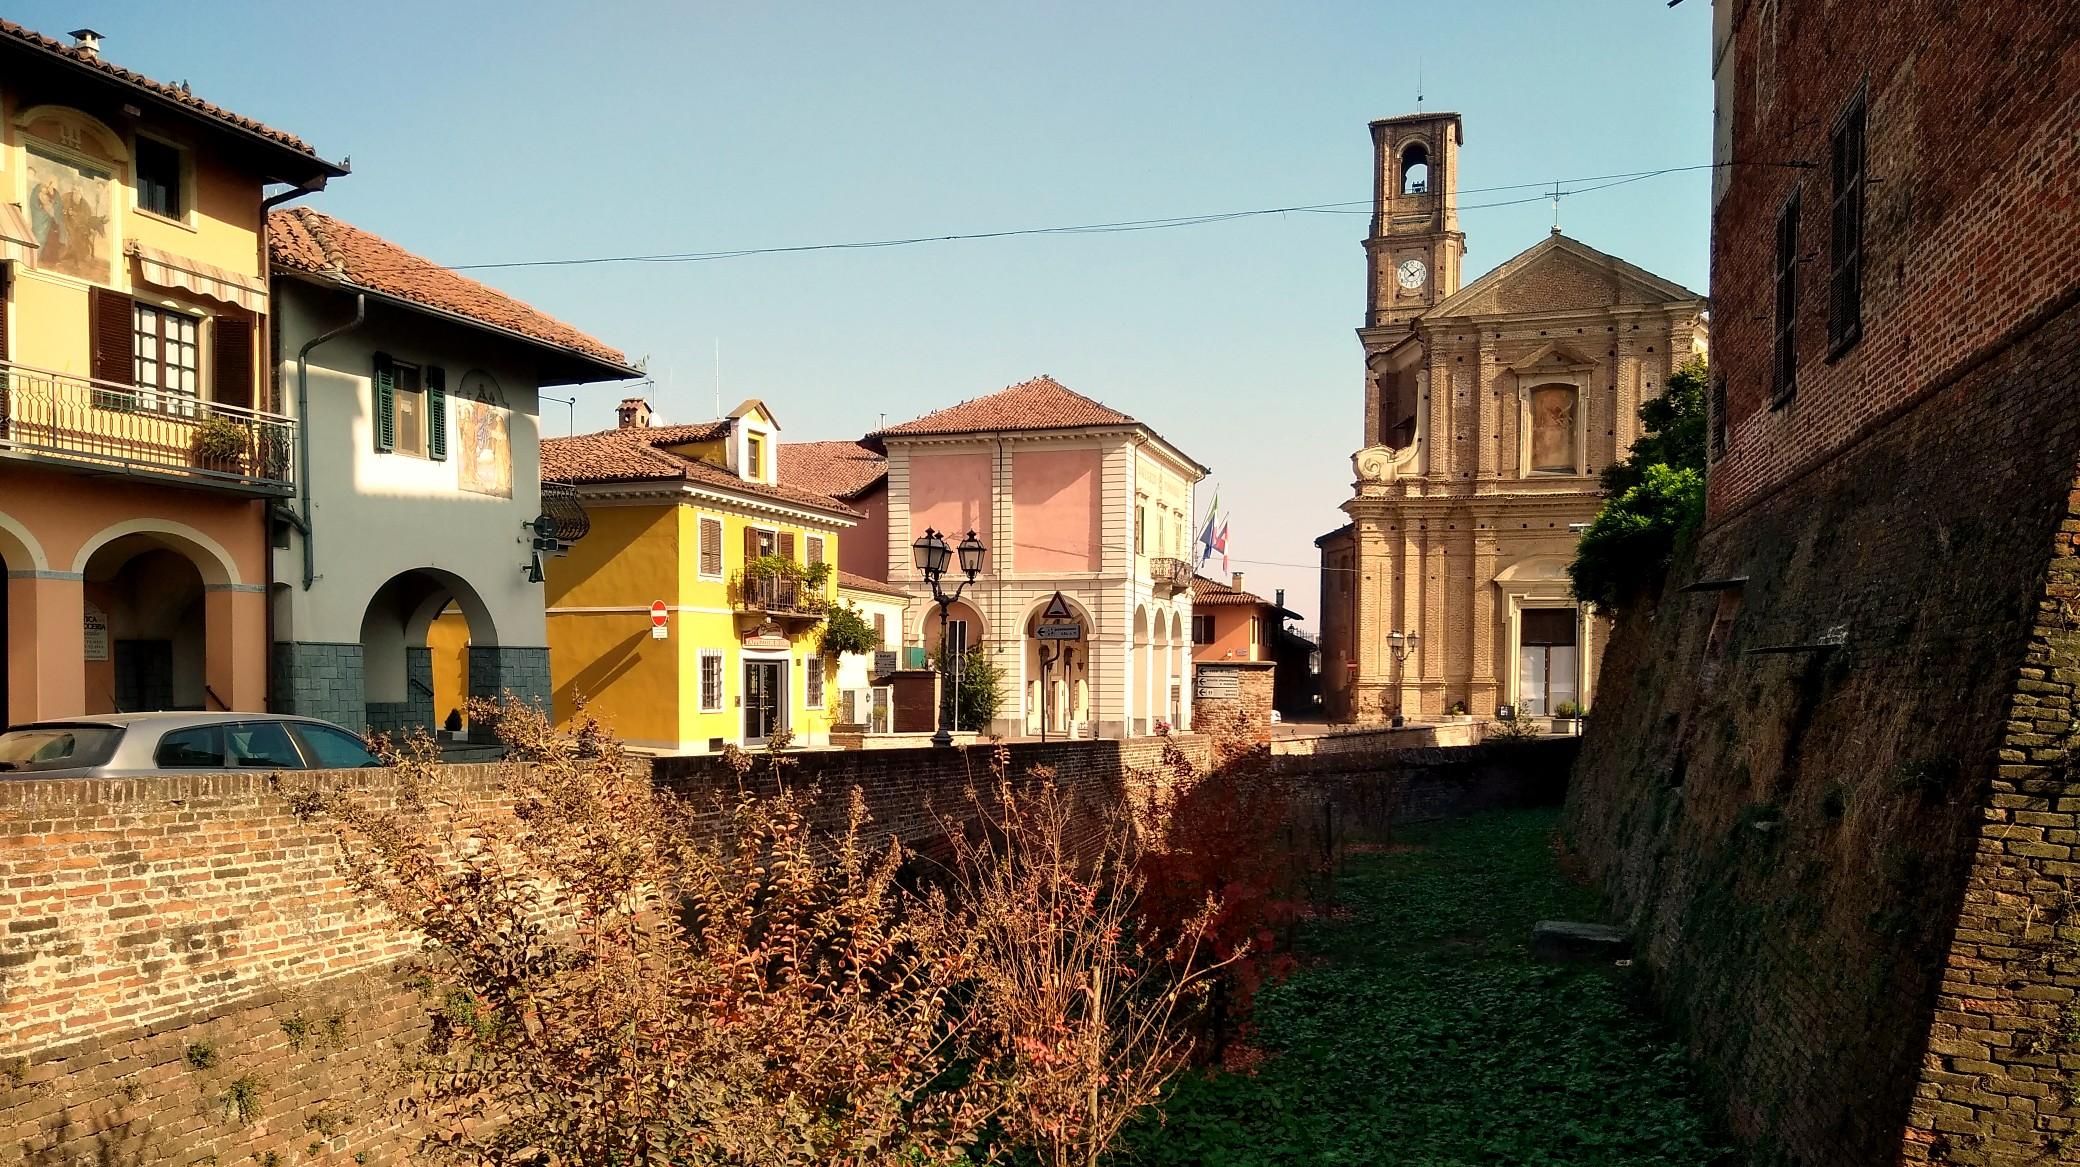 Studi Di Architettura Cuneo moretta (italia) - wikipedia